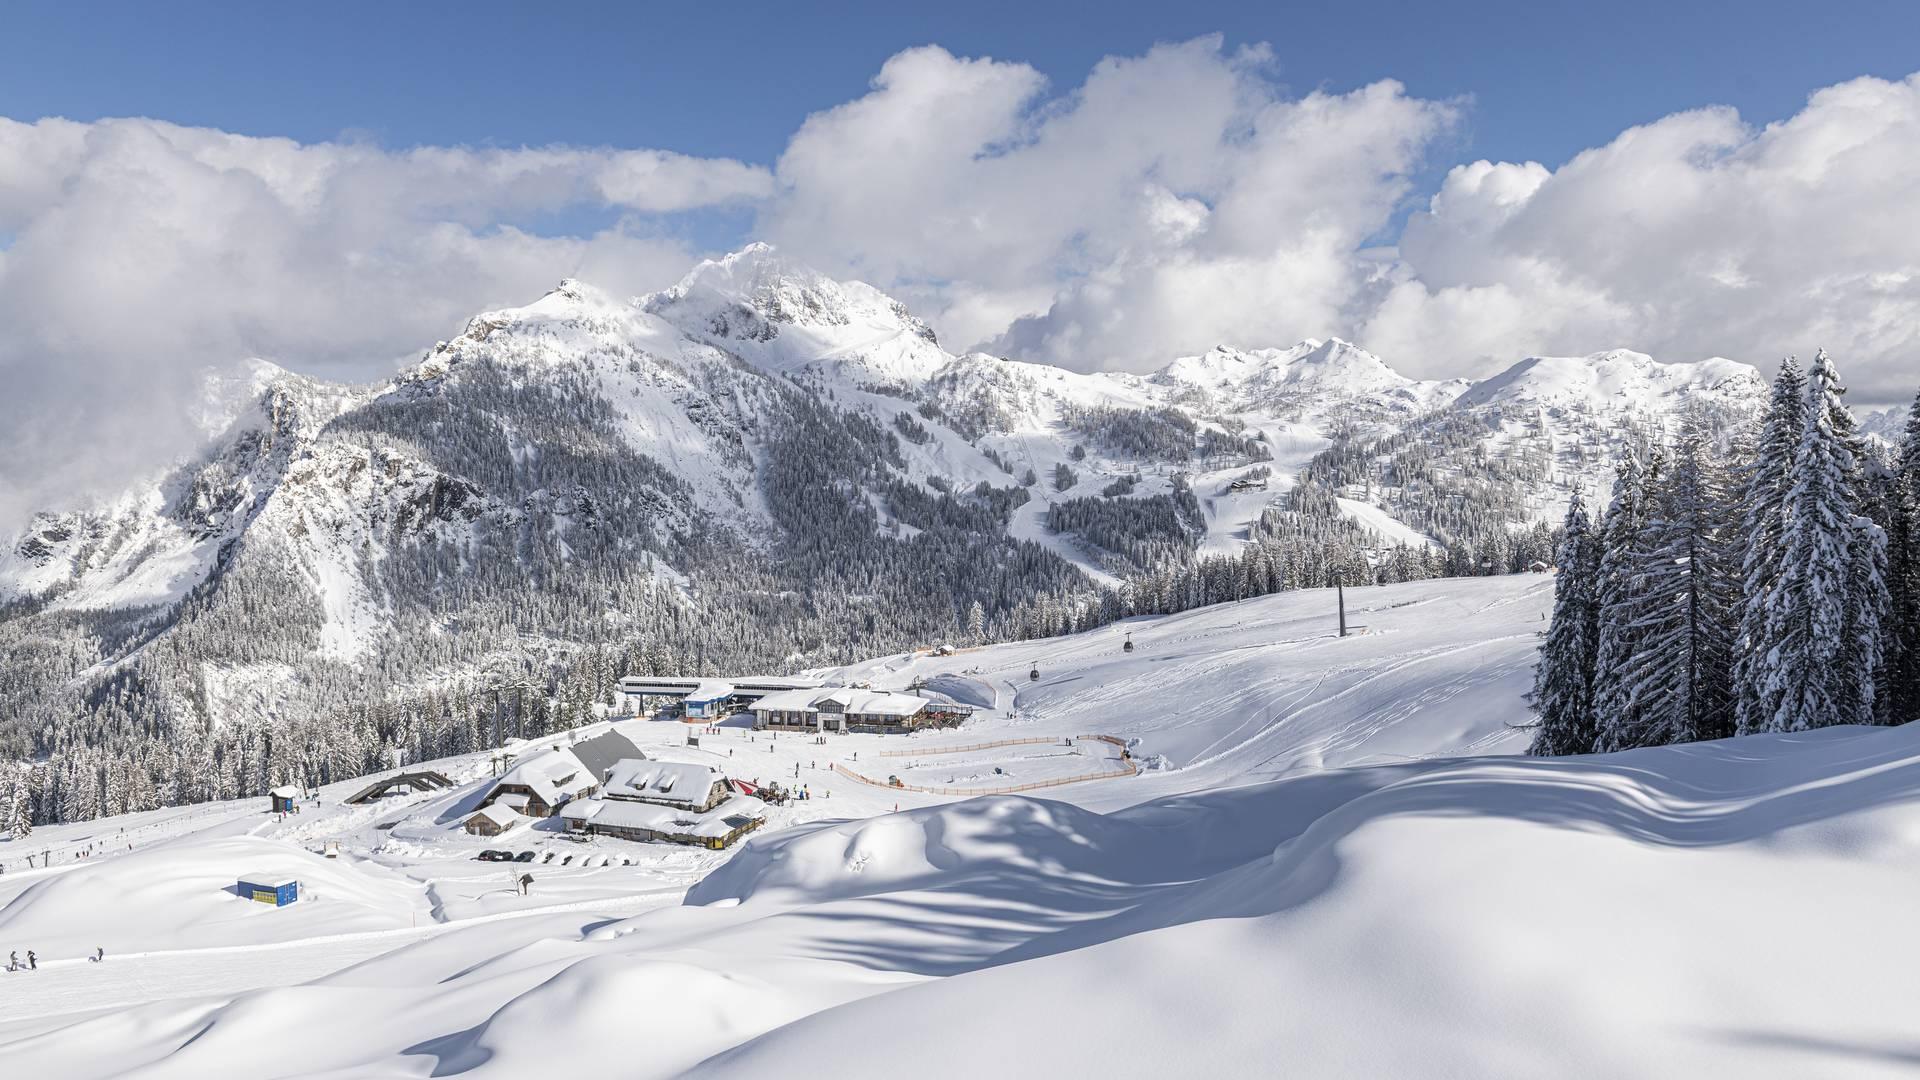 <p>Der Himmel ist blau, an den Bergspitzen hängen noch die letzten Wokenschwaden und die Tessdorfer Alm liegt tief verschneit inmitten diesem zauberhaften Bergpanoramas. Das Nassfeld ist das Skigebiet in Kärnten an der Grenze zu Italien und befindet sich in der Urlaubsdestination Nassfeld-Pressegger See.</p>